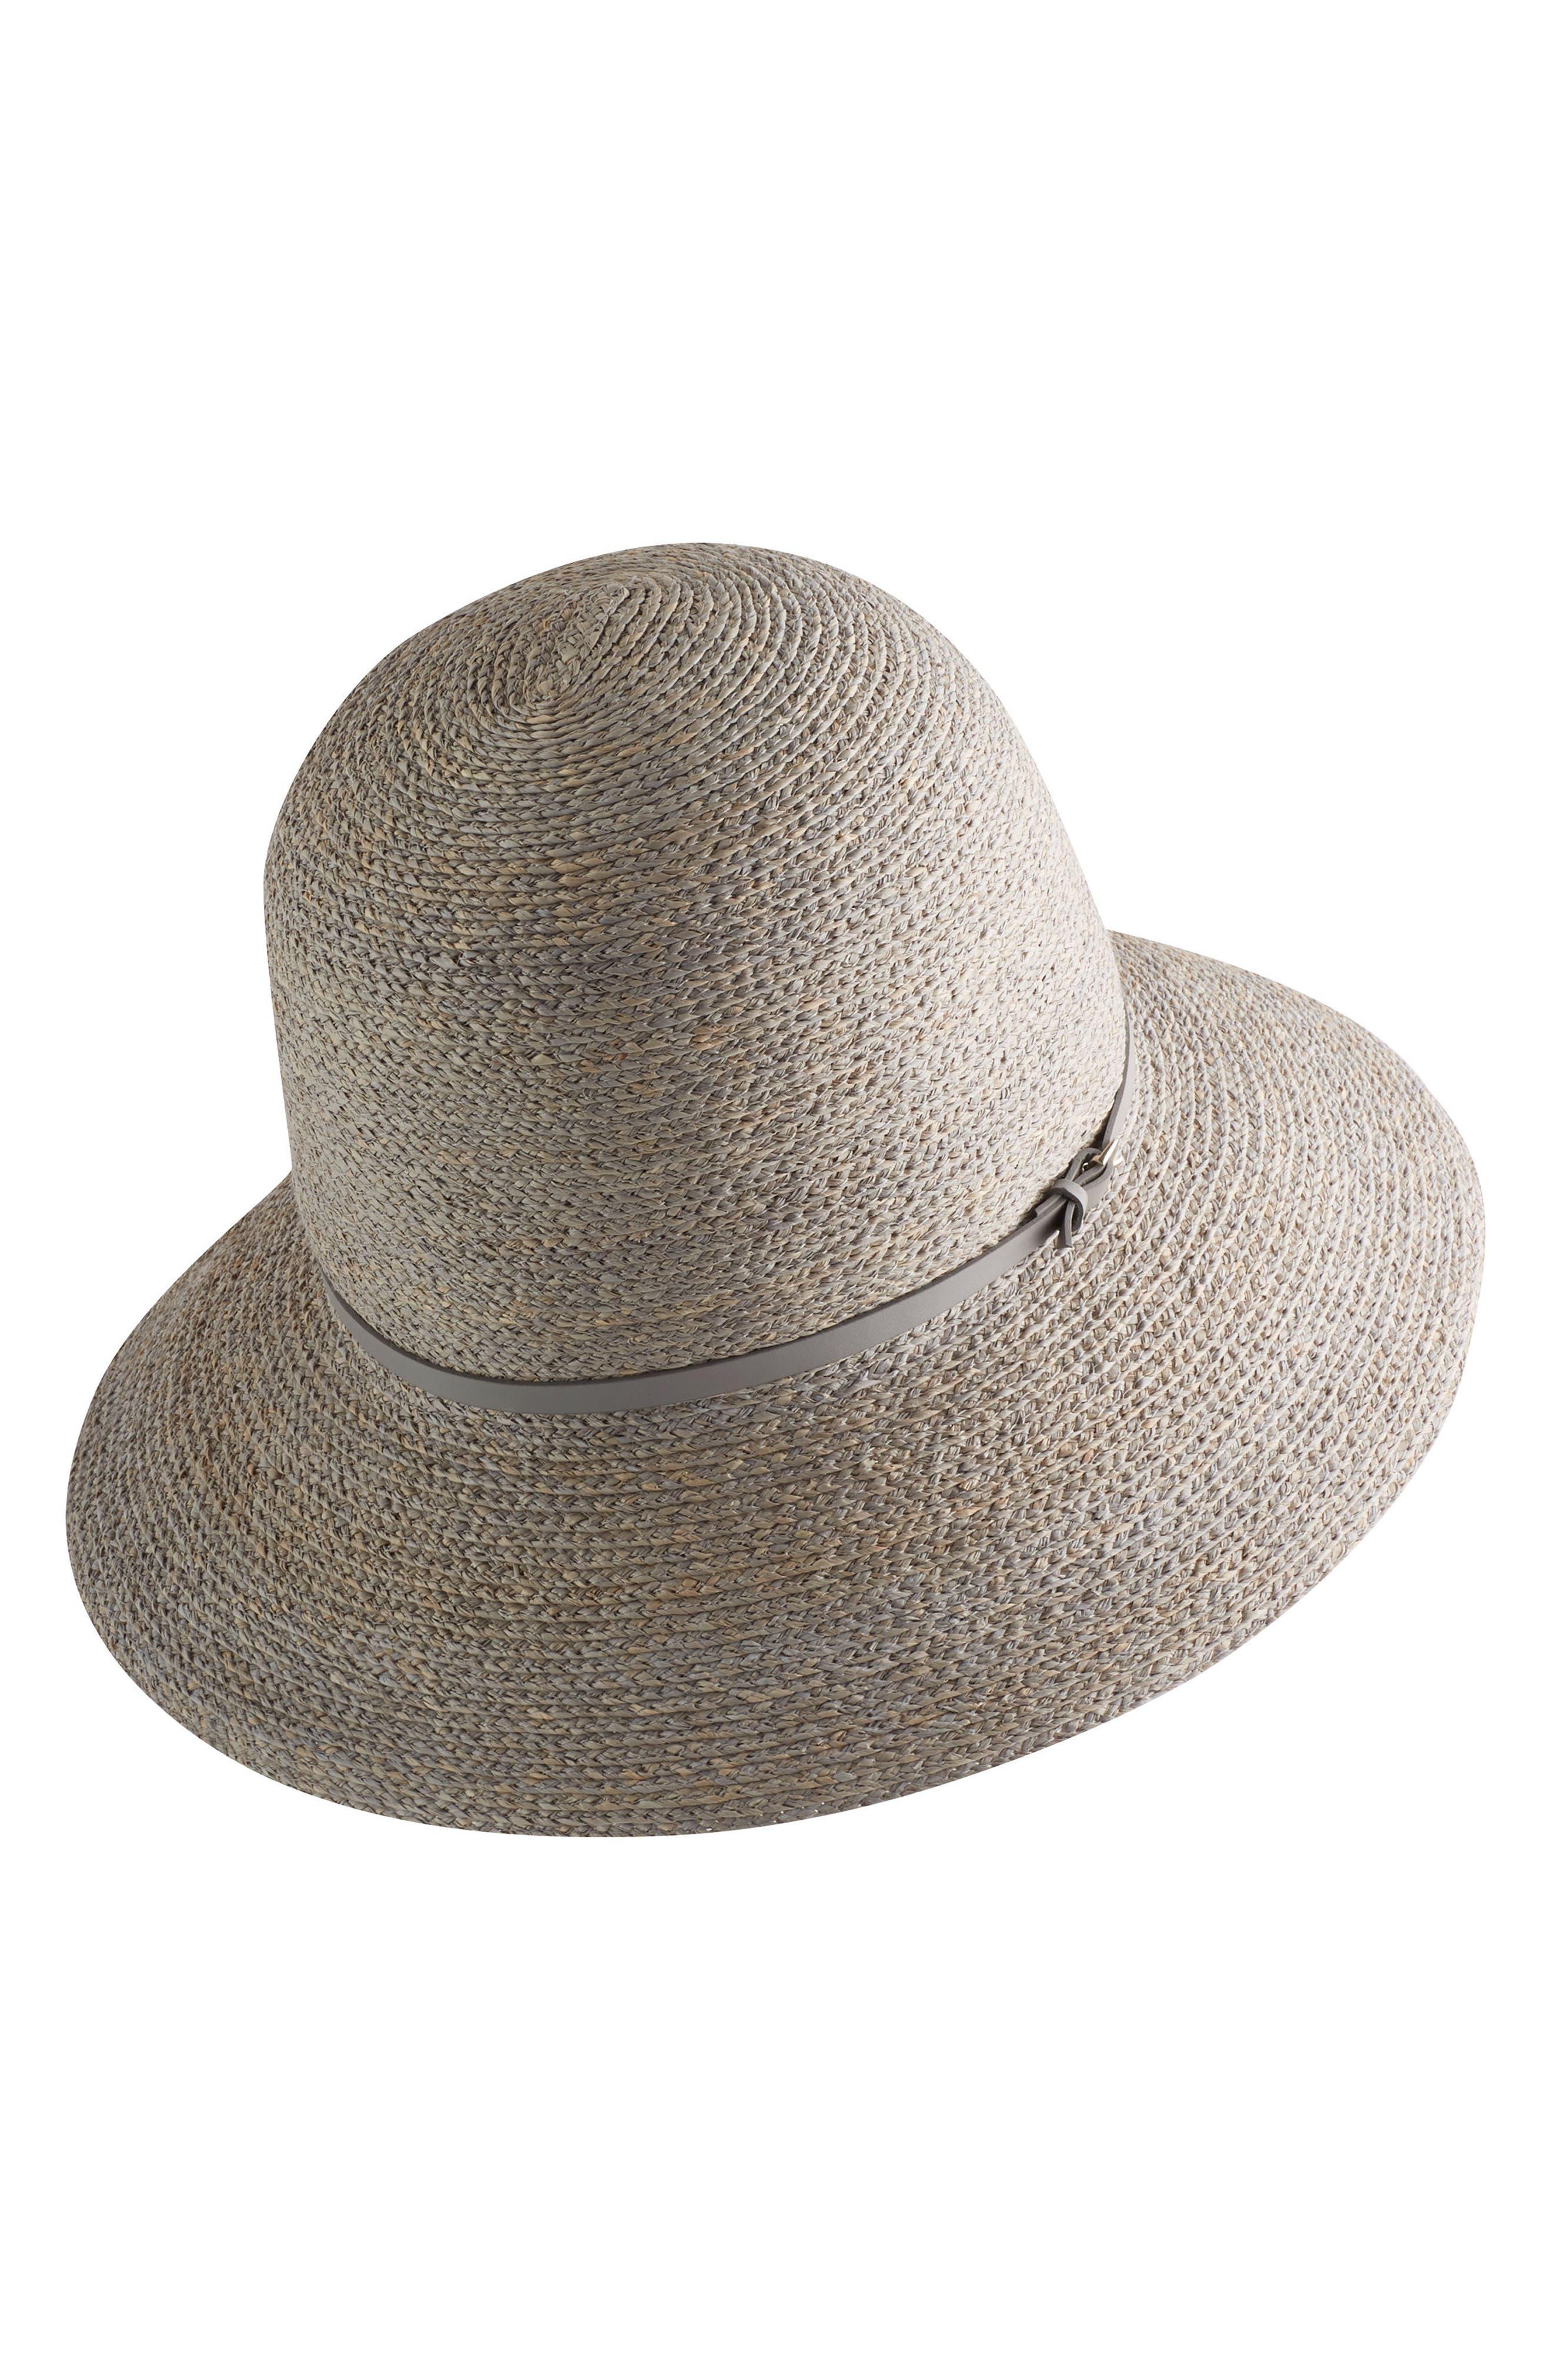 Packable Raffia Cloche Hat,                             Main thumbnail 1, color,